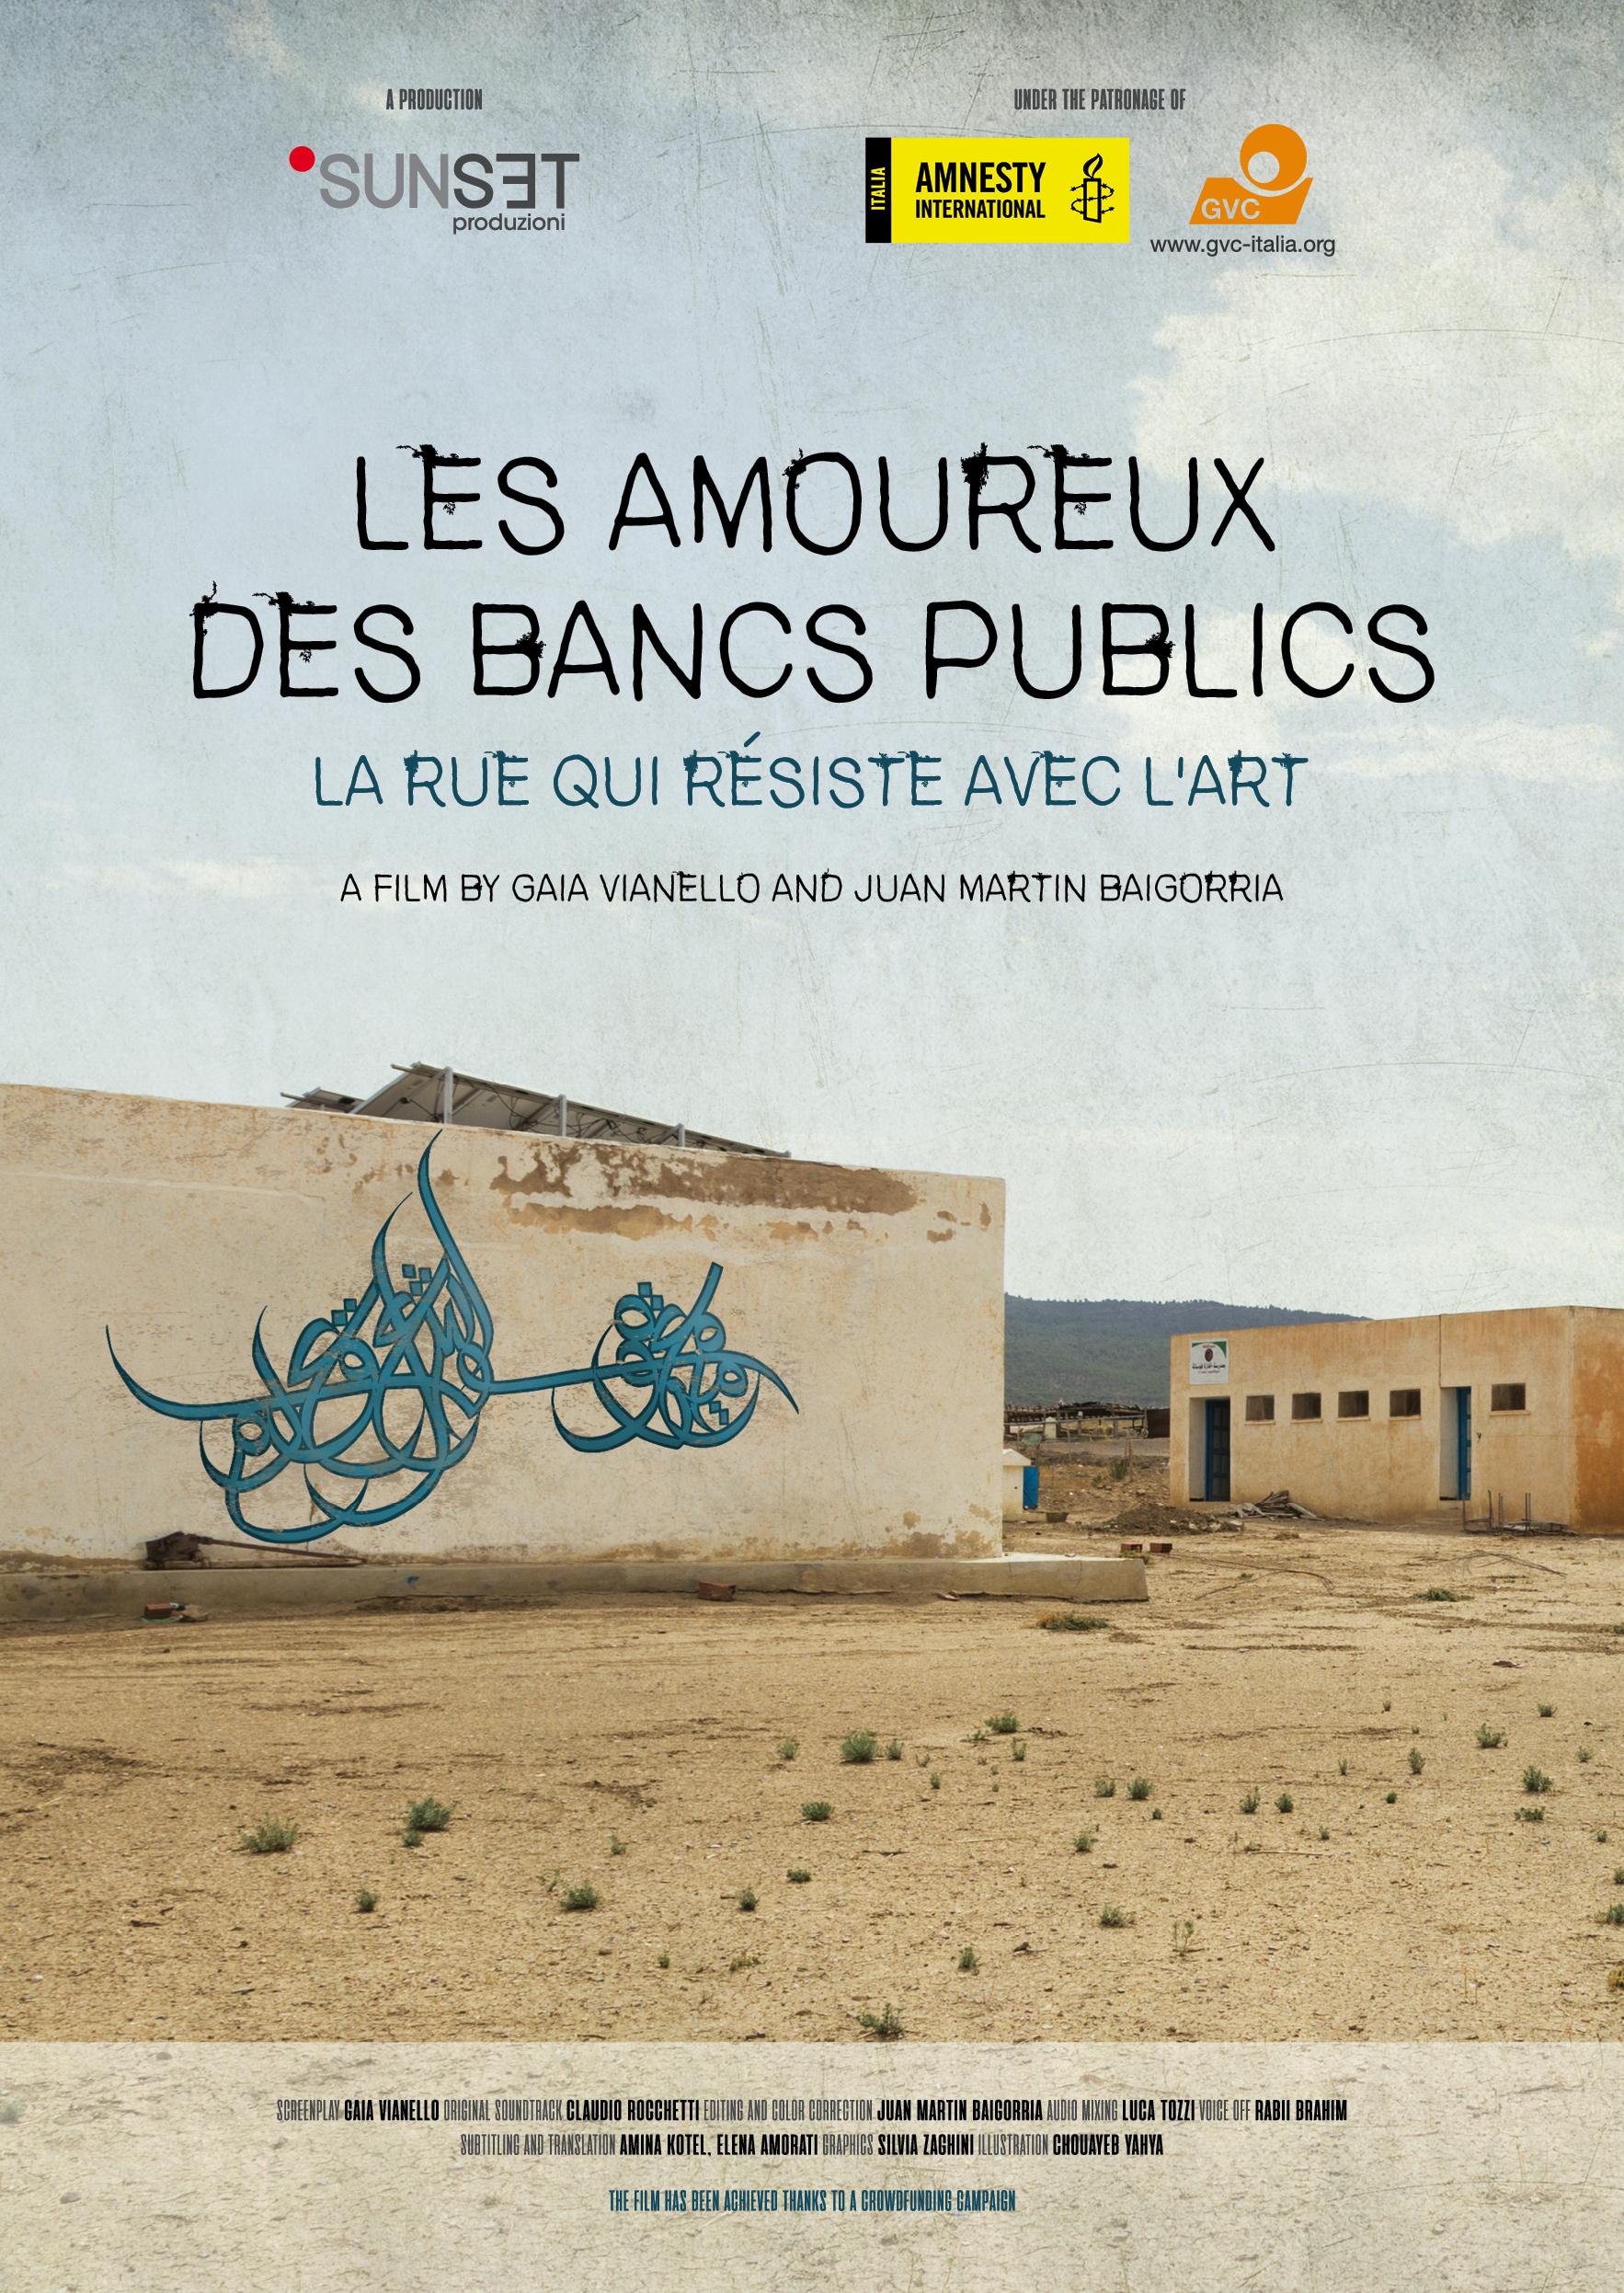 Les Amoureux Des Bancs Publics A Story Of Street Art And